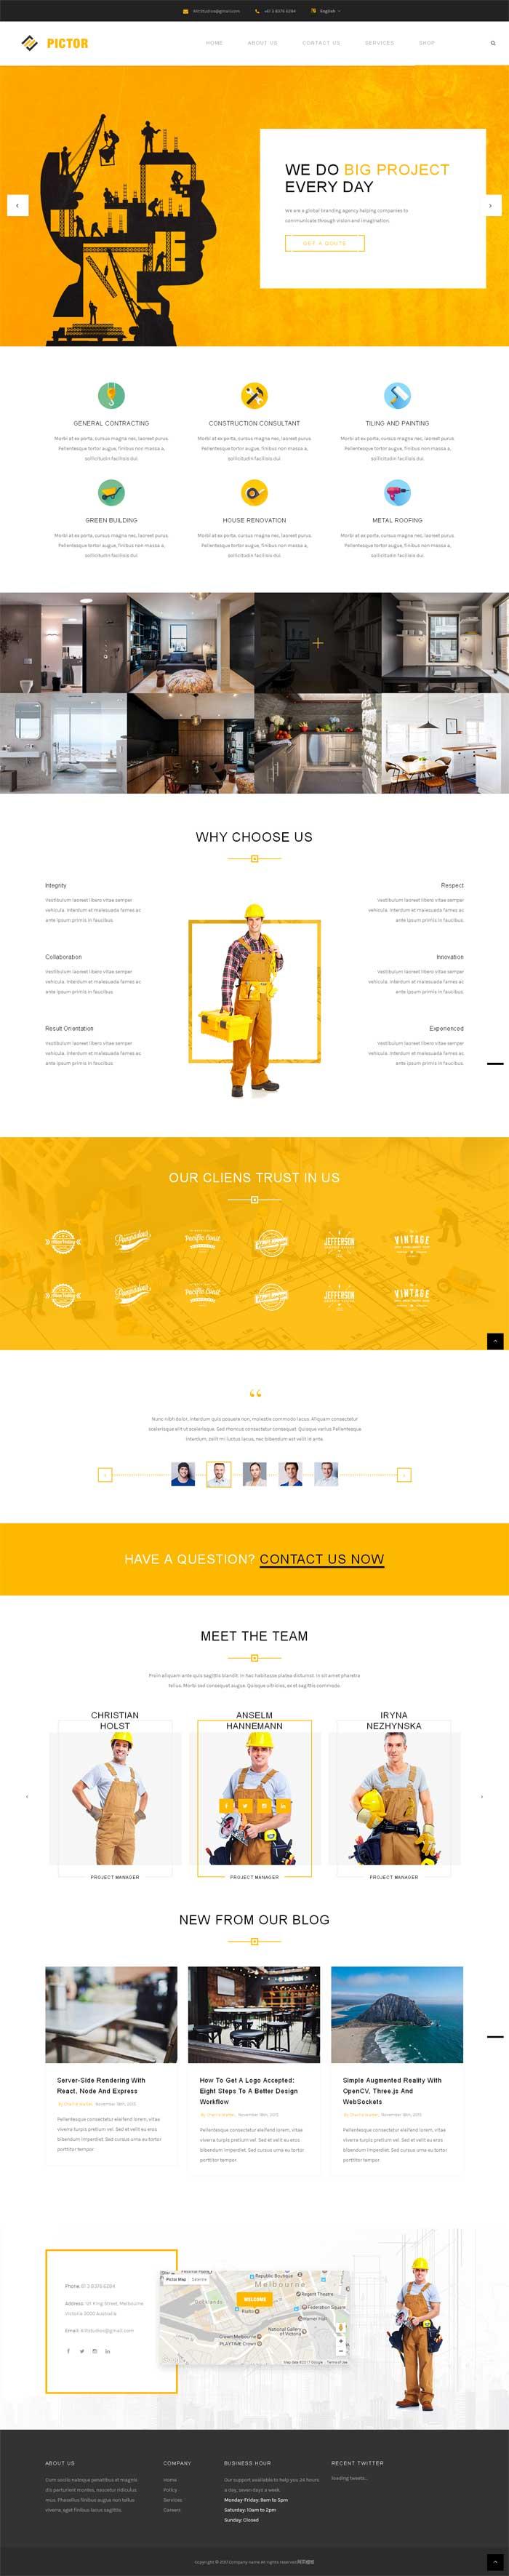 黄色宽屏的房屋装修设计公司网站模板